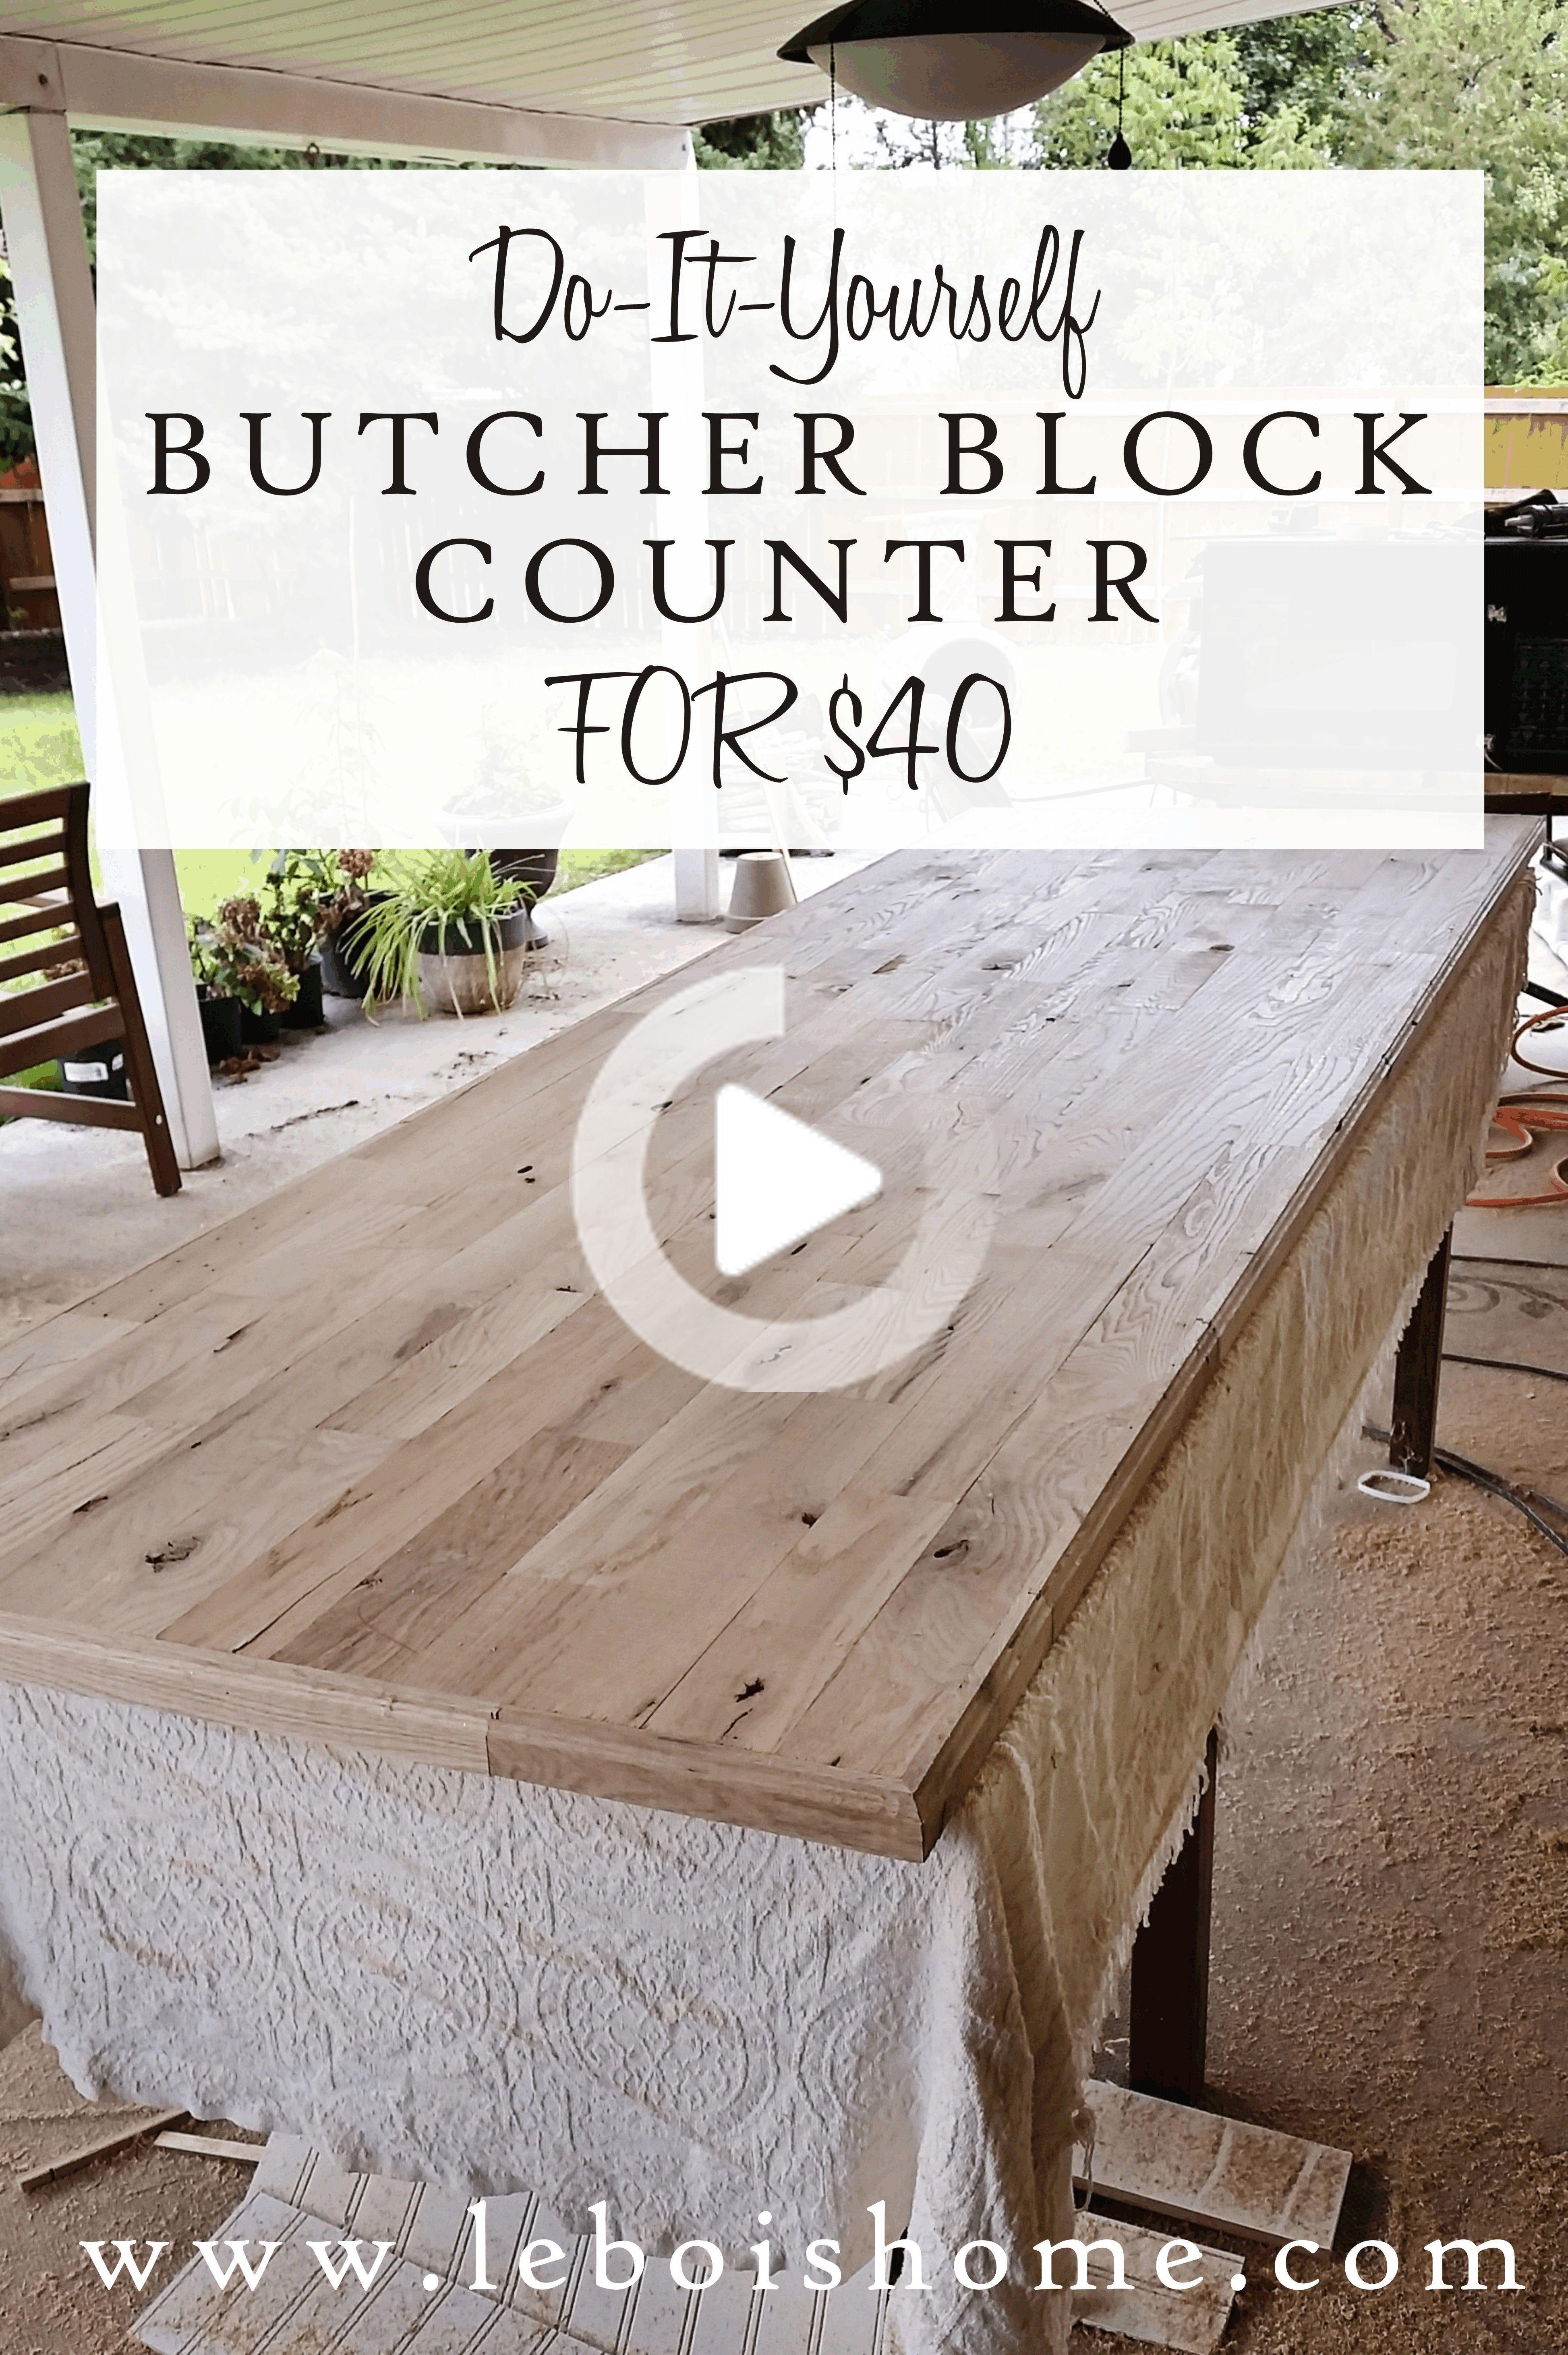 Fai Da Te Butcher Block Controsoffitto In 2020 Butcher Block Counter Diy Butcher Block Counter Butcher Block Countertops